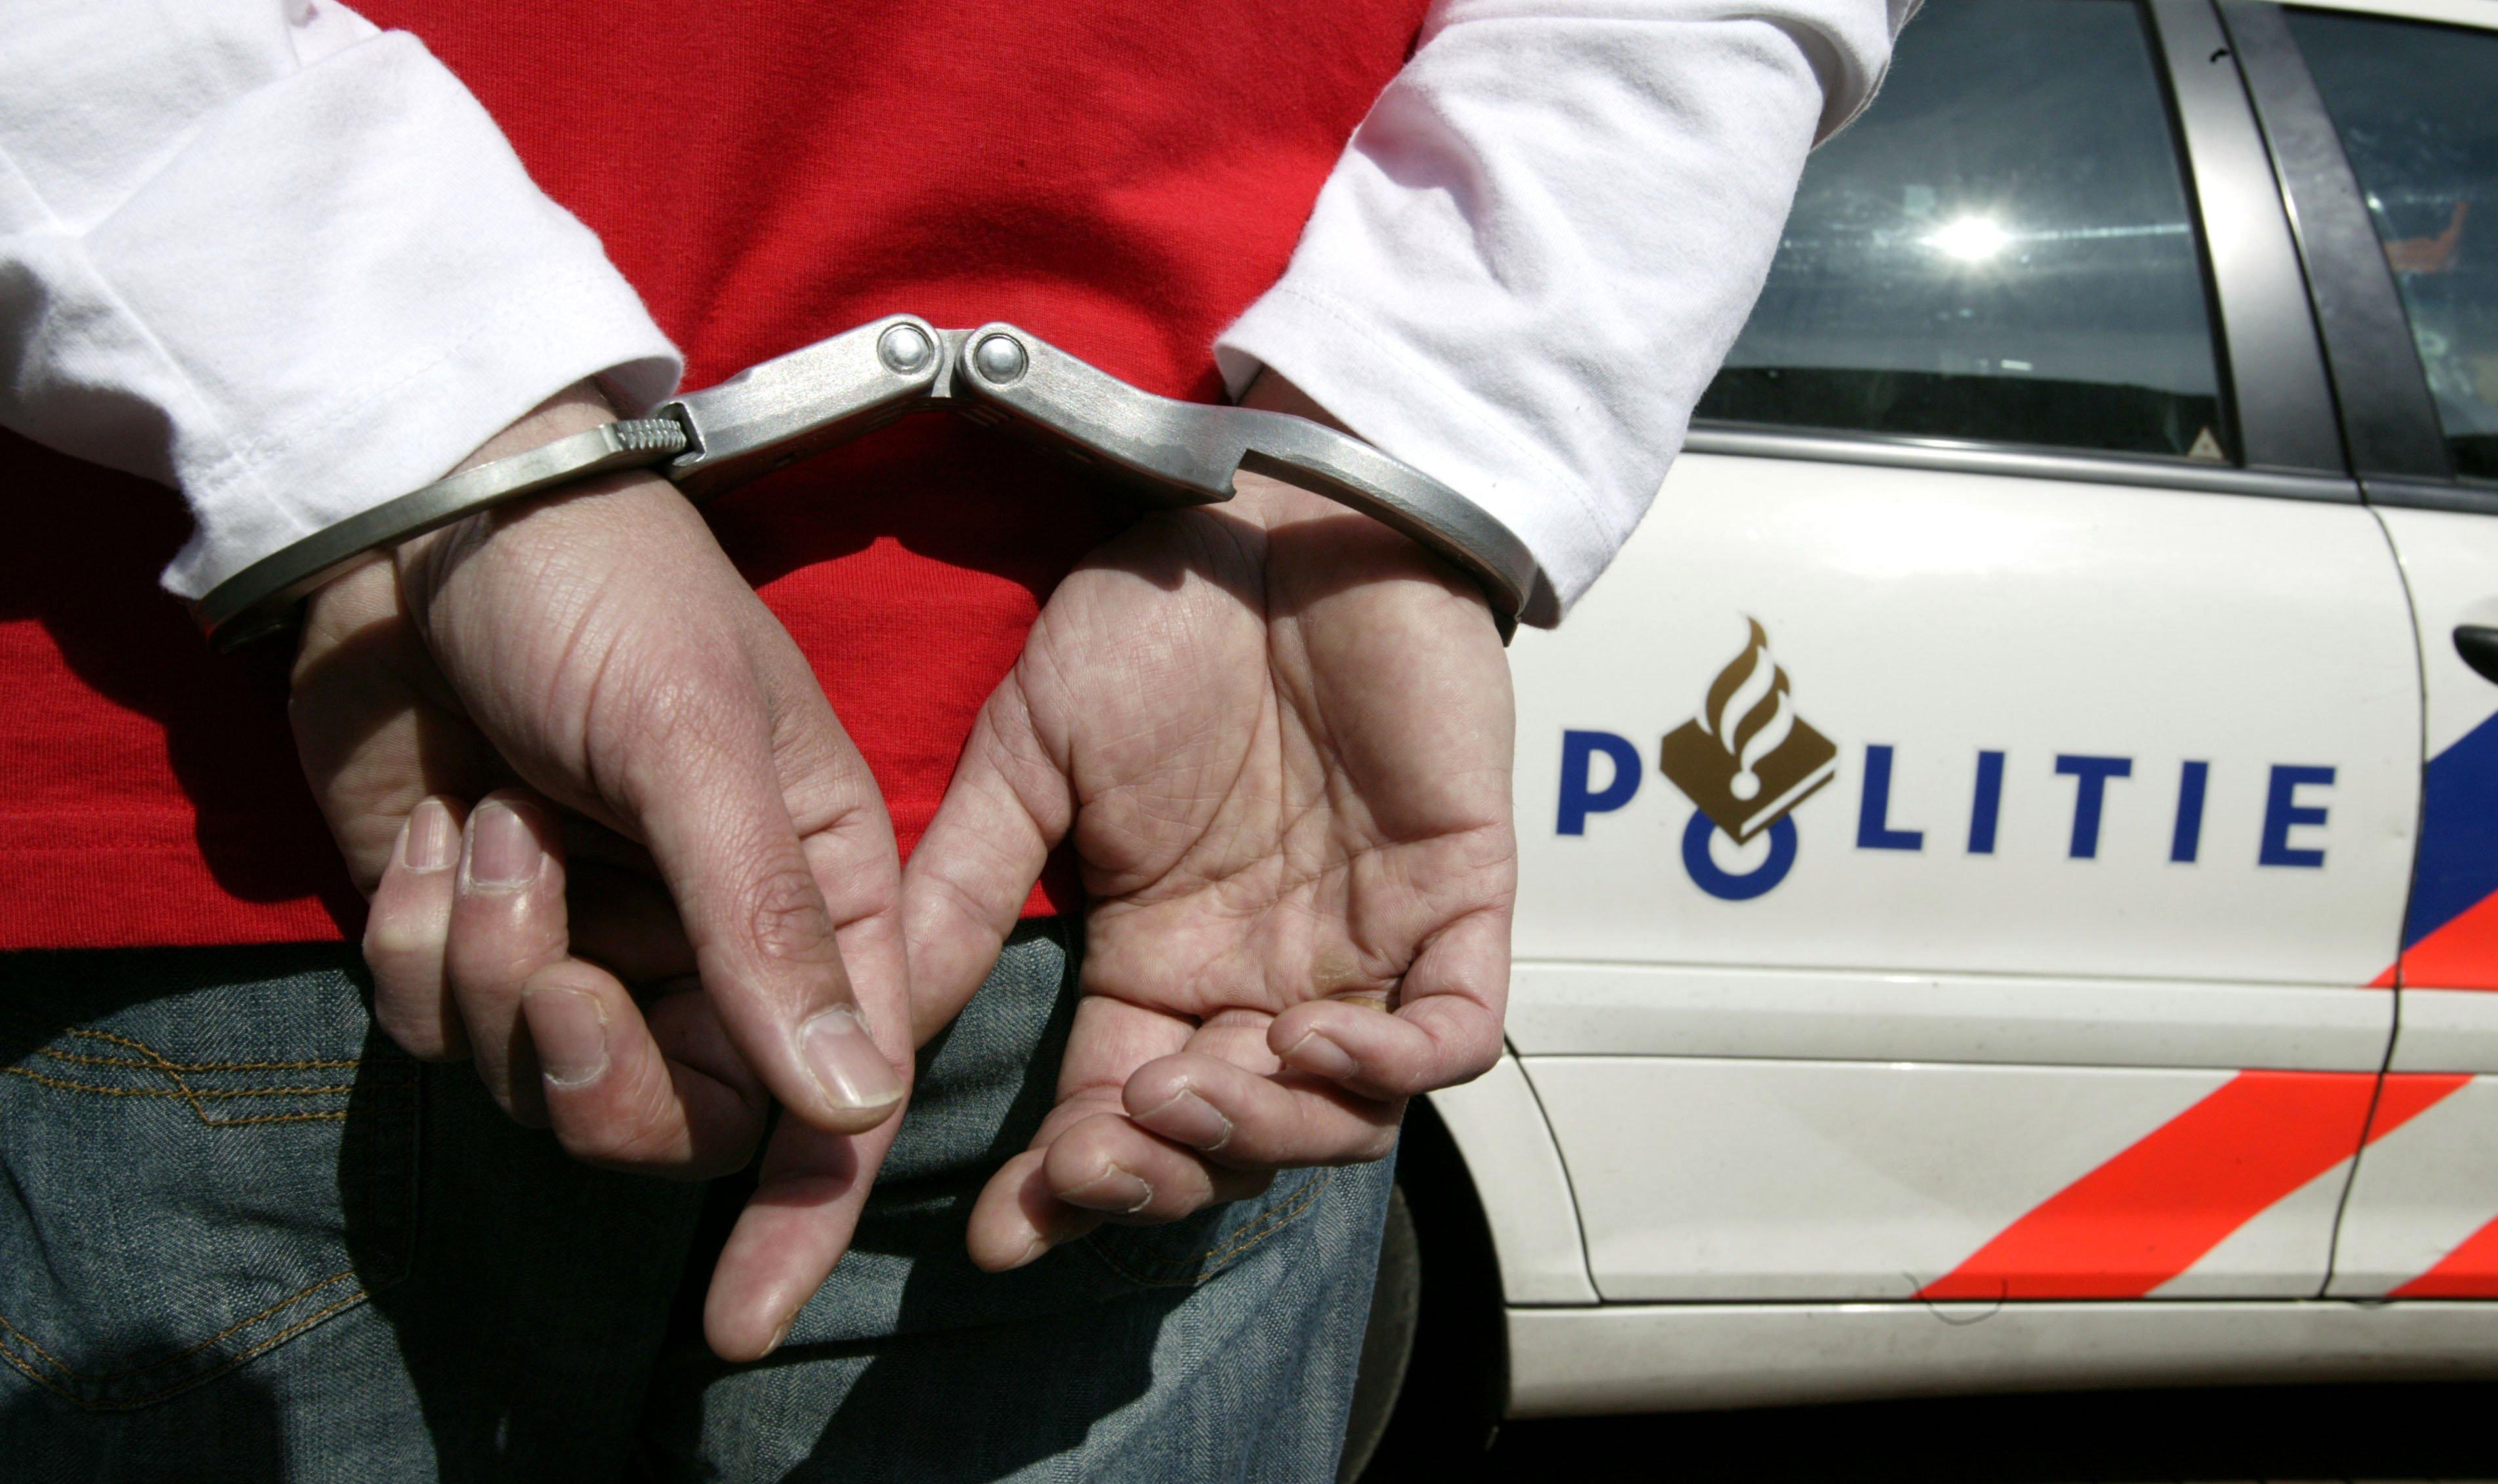 Vijf Amsterdammers aangehouden voor inbraak in Zwaanshoek